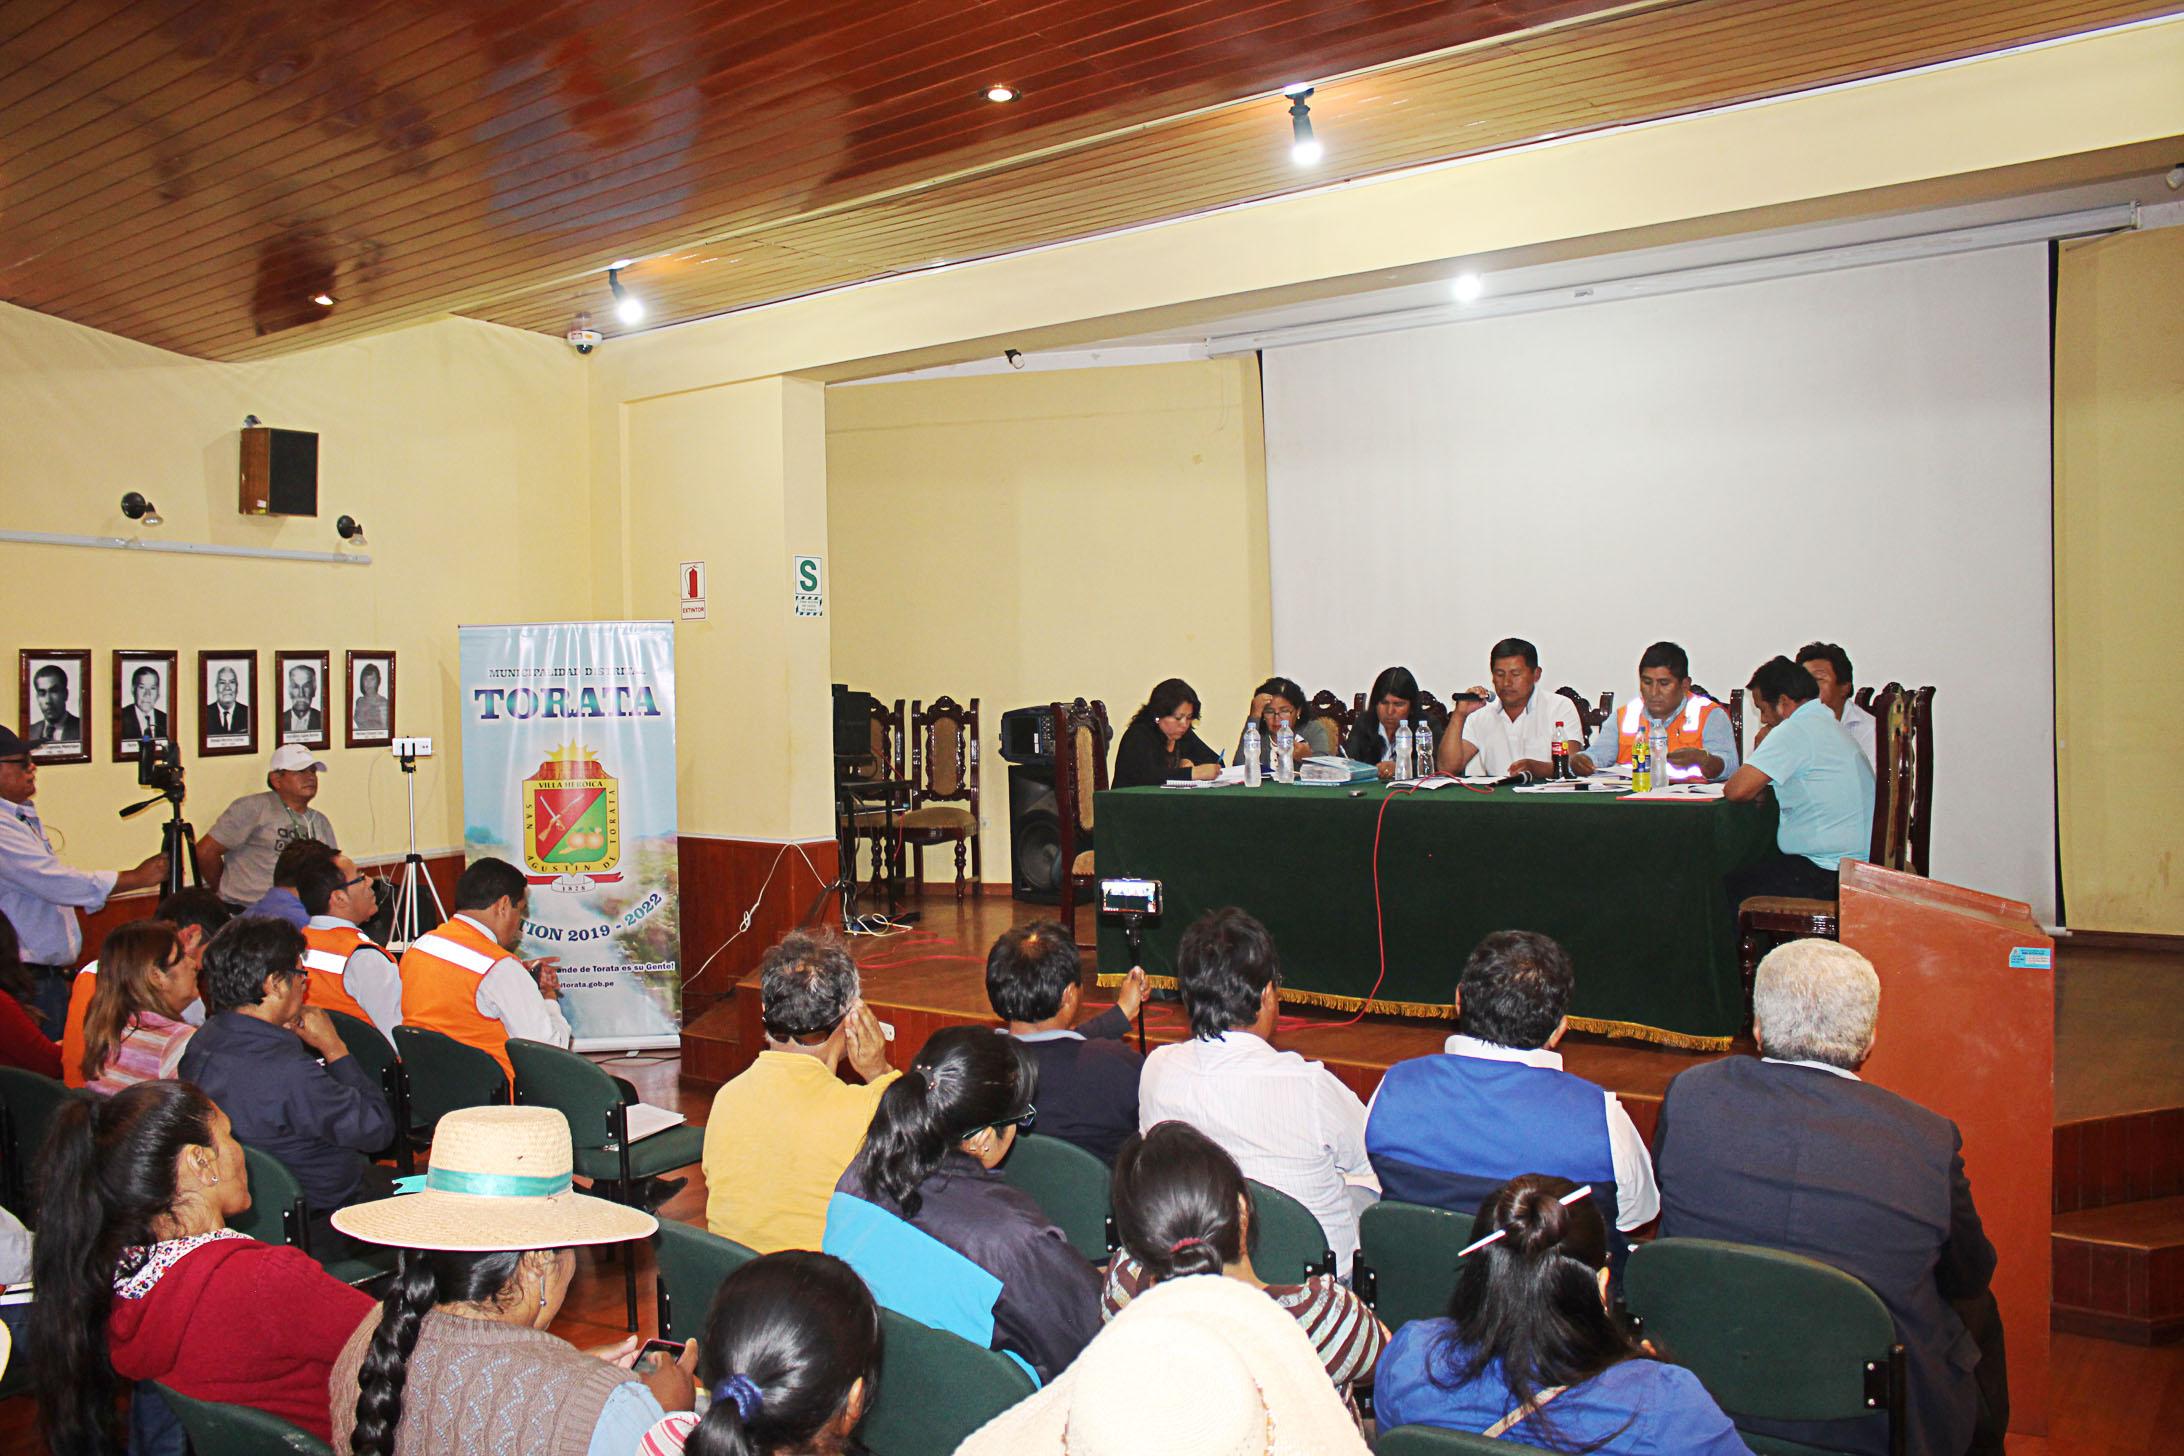 MUNICIPALIDAD CONVOCARÁ AL SECTOR SALUD Y OTROS PARA CONTROLAR EL GRADO DE CONTAMINACION EN NIÑOS DE YACANGO